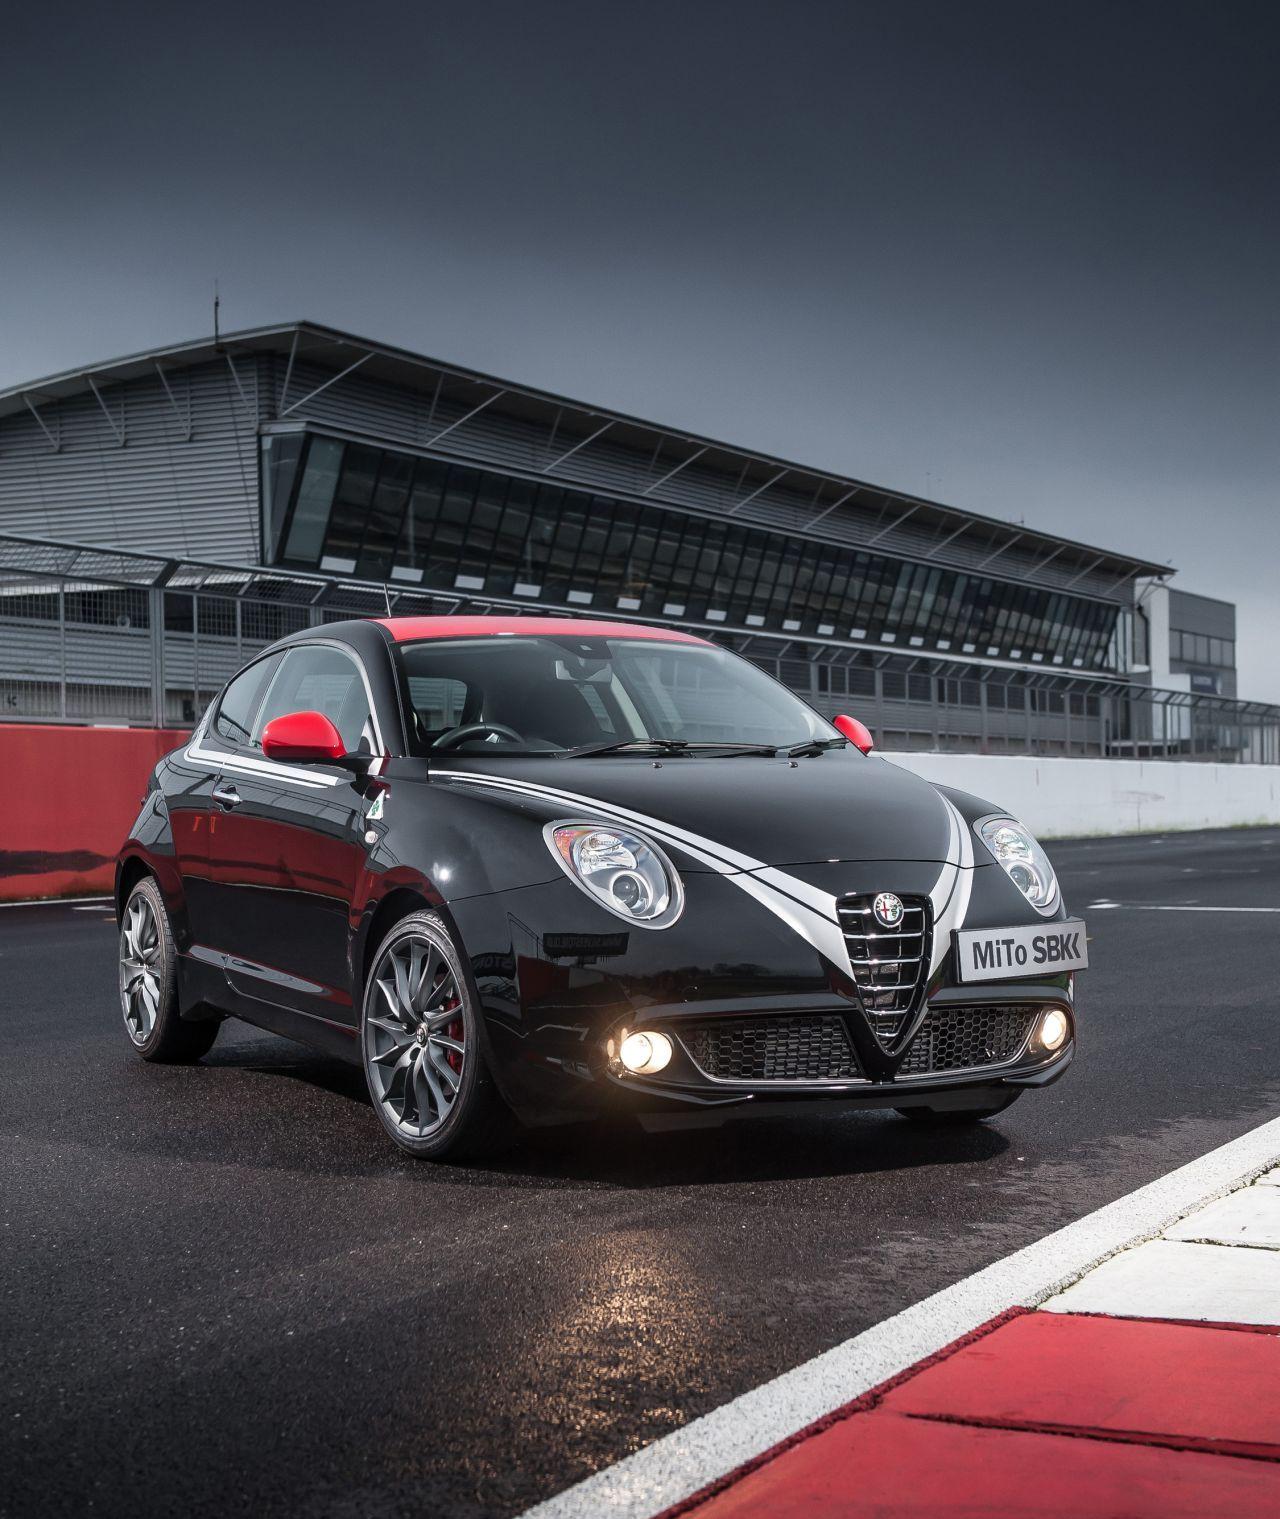 Alfa-Romeo-MiTo-Quadrifoglio-Verde-SBK-stunt-01.jpg